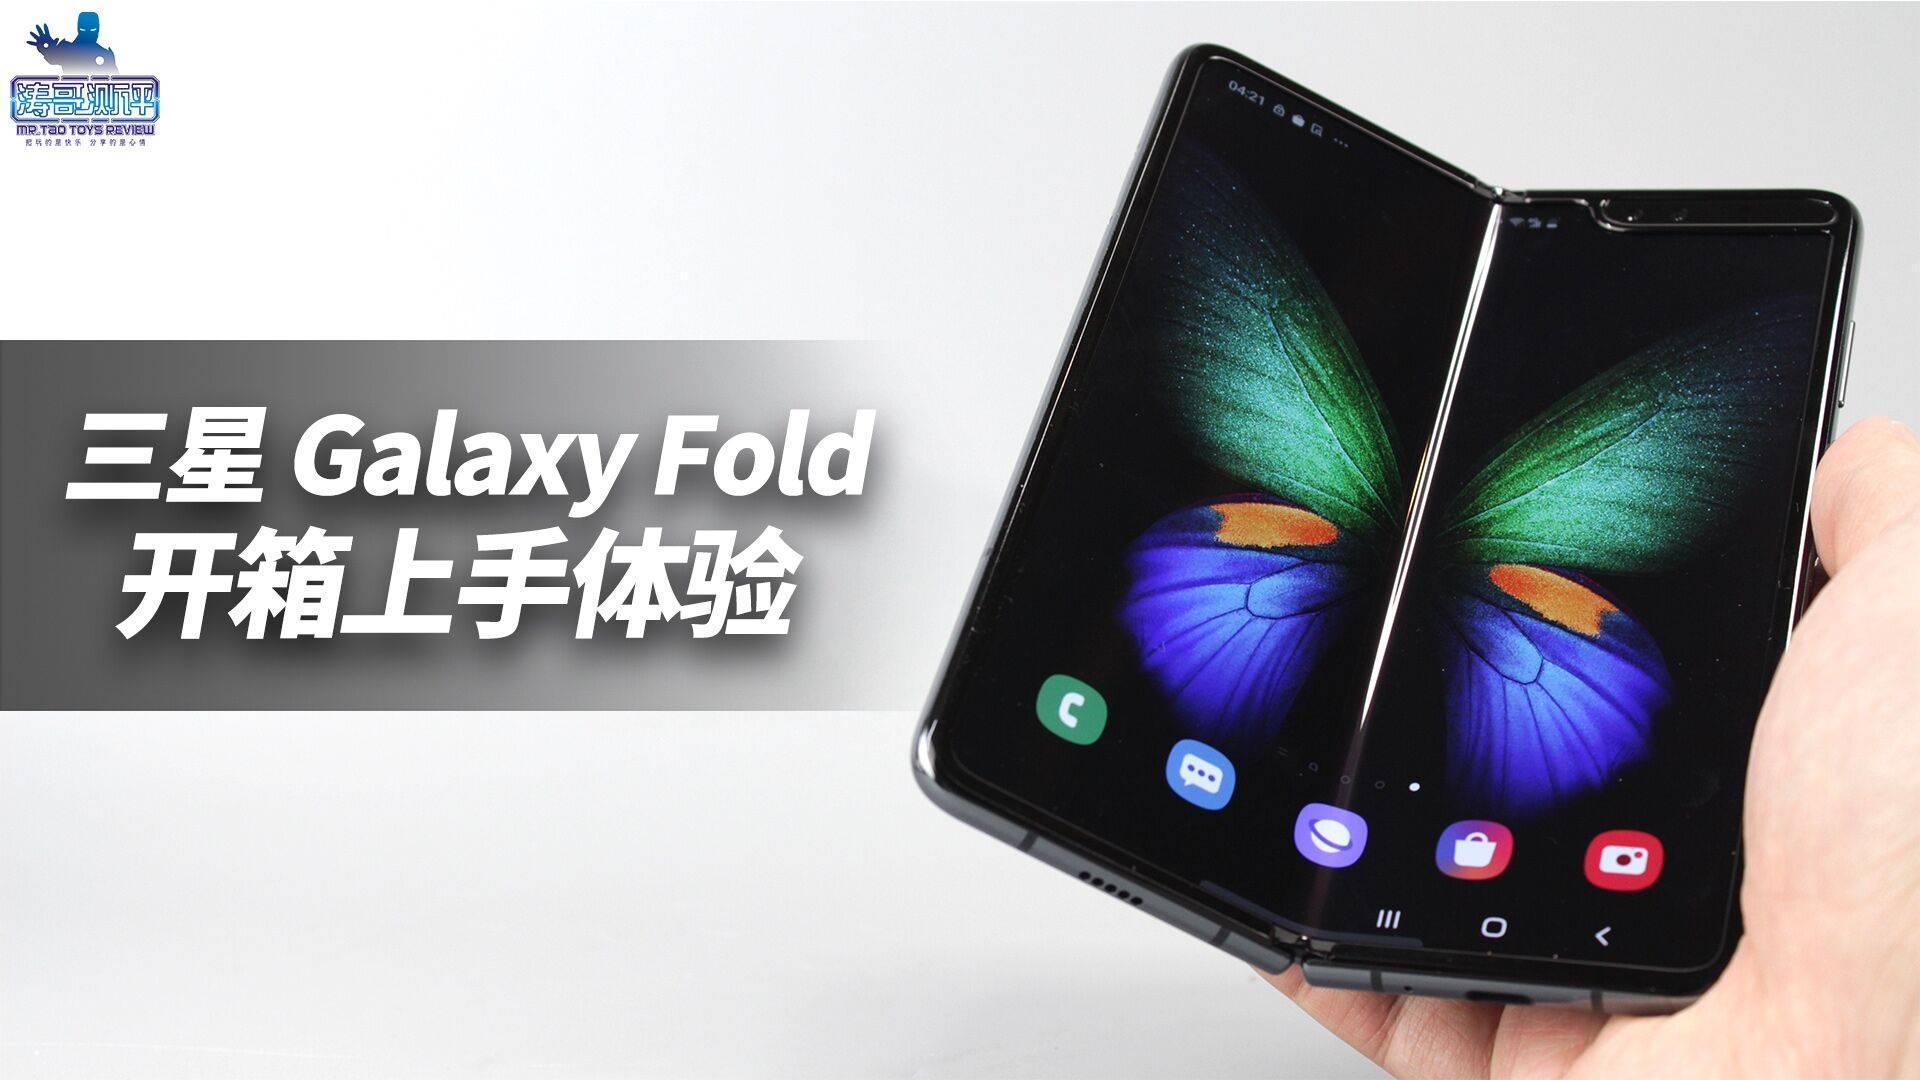 开箱三星Galaxy Fold折叠屏手机,真的Awesome吗?【涛哥测评】